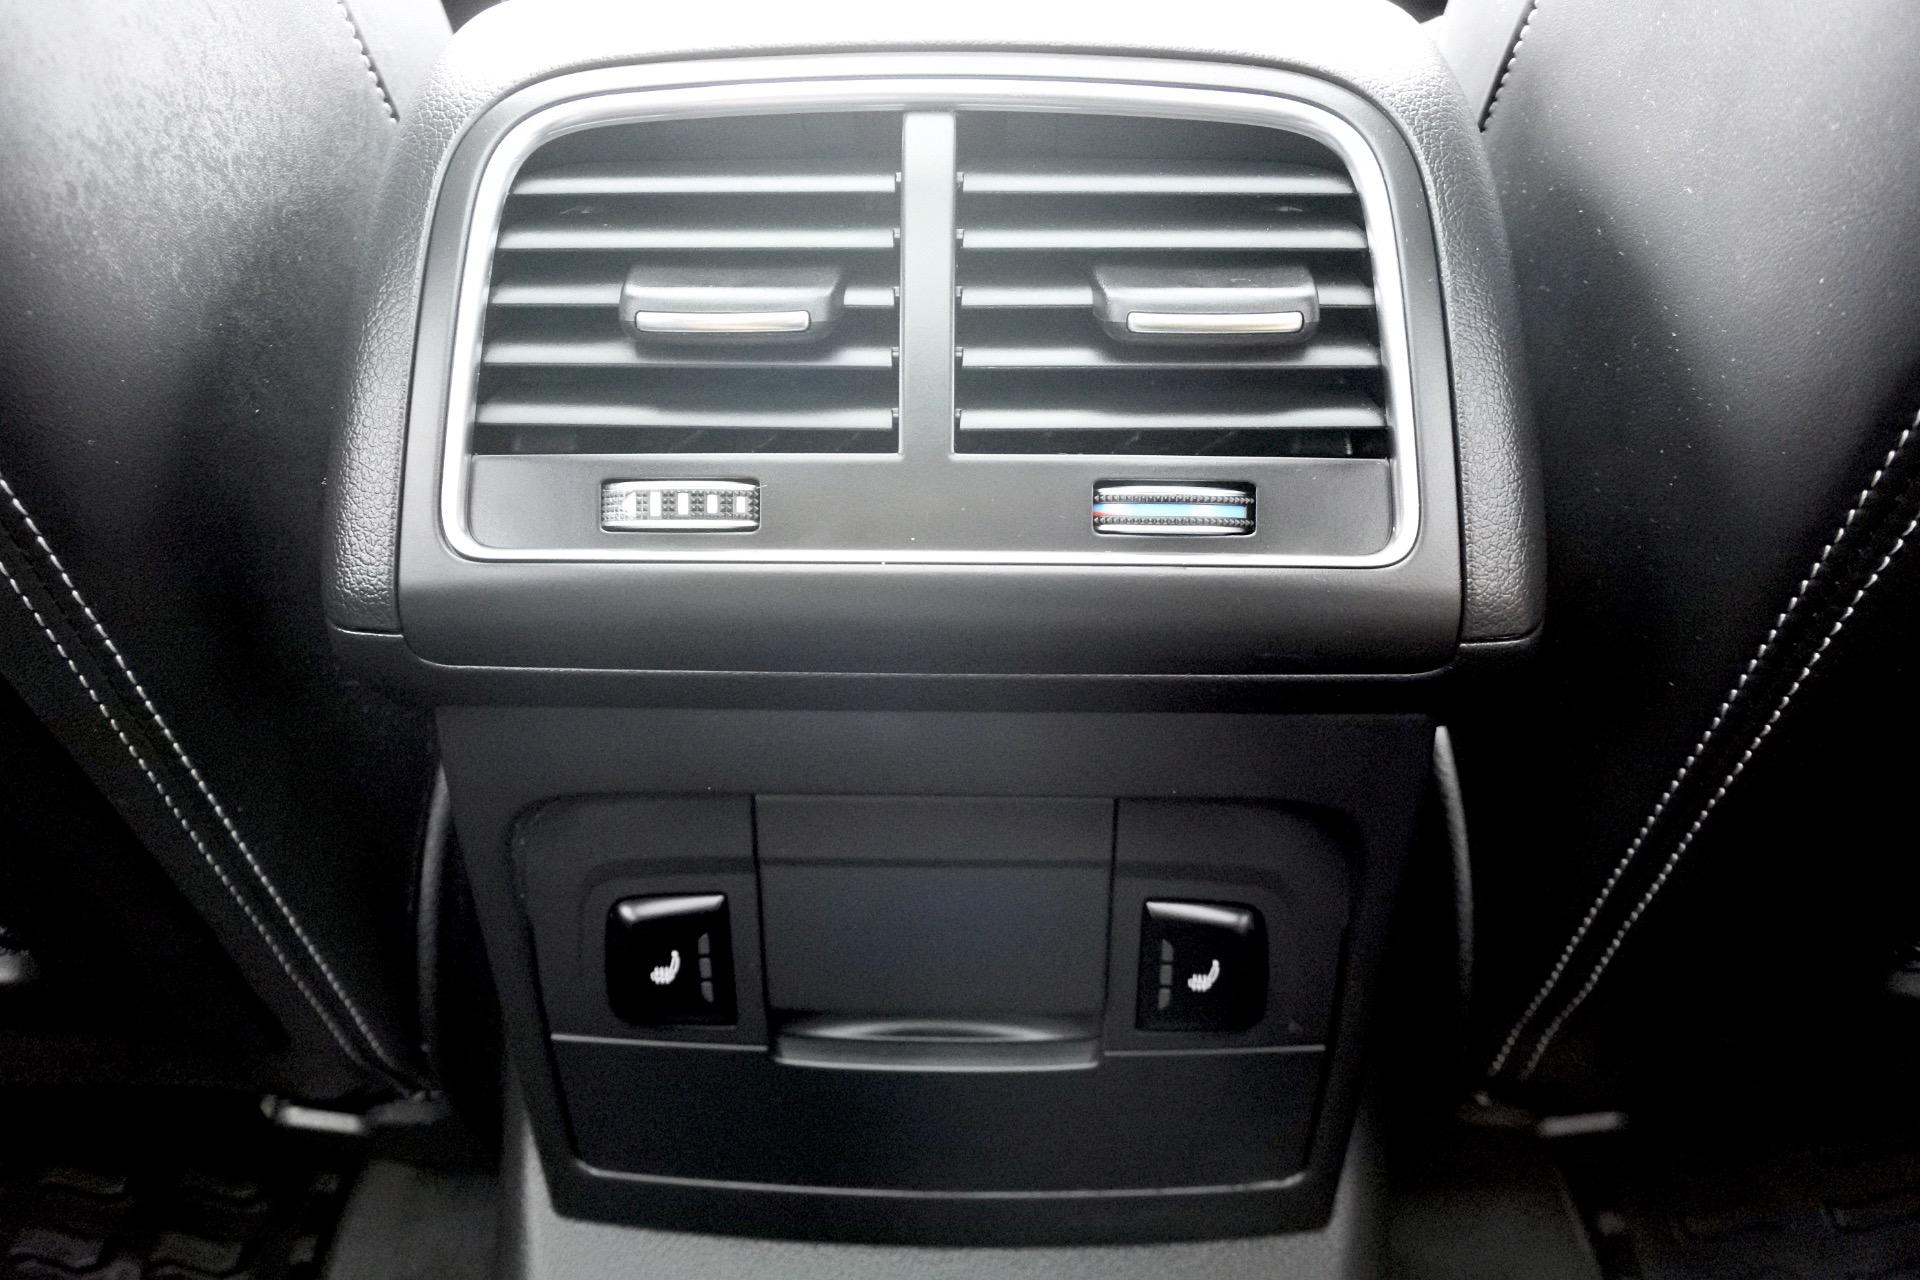 Used 2014 Audi Sq5 3.0 Quattro Used 2014 Audi Sq5 3.0 Quattro for sale  at Metro West Motorcars LLC in Shrewsbury MA 18